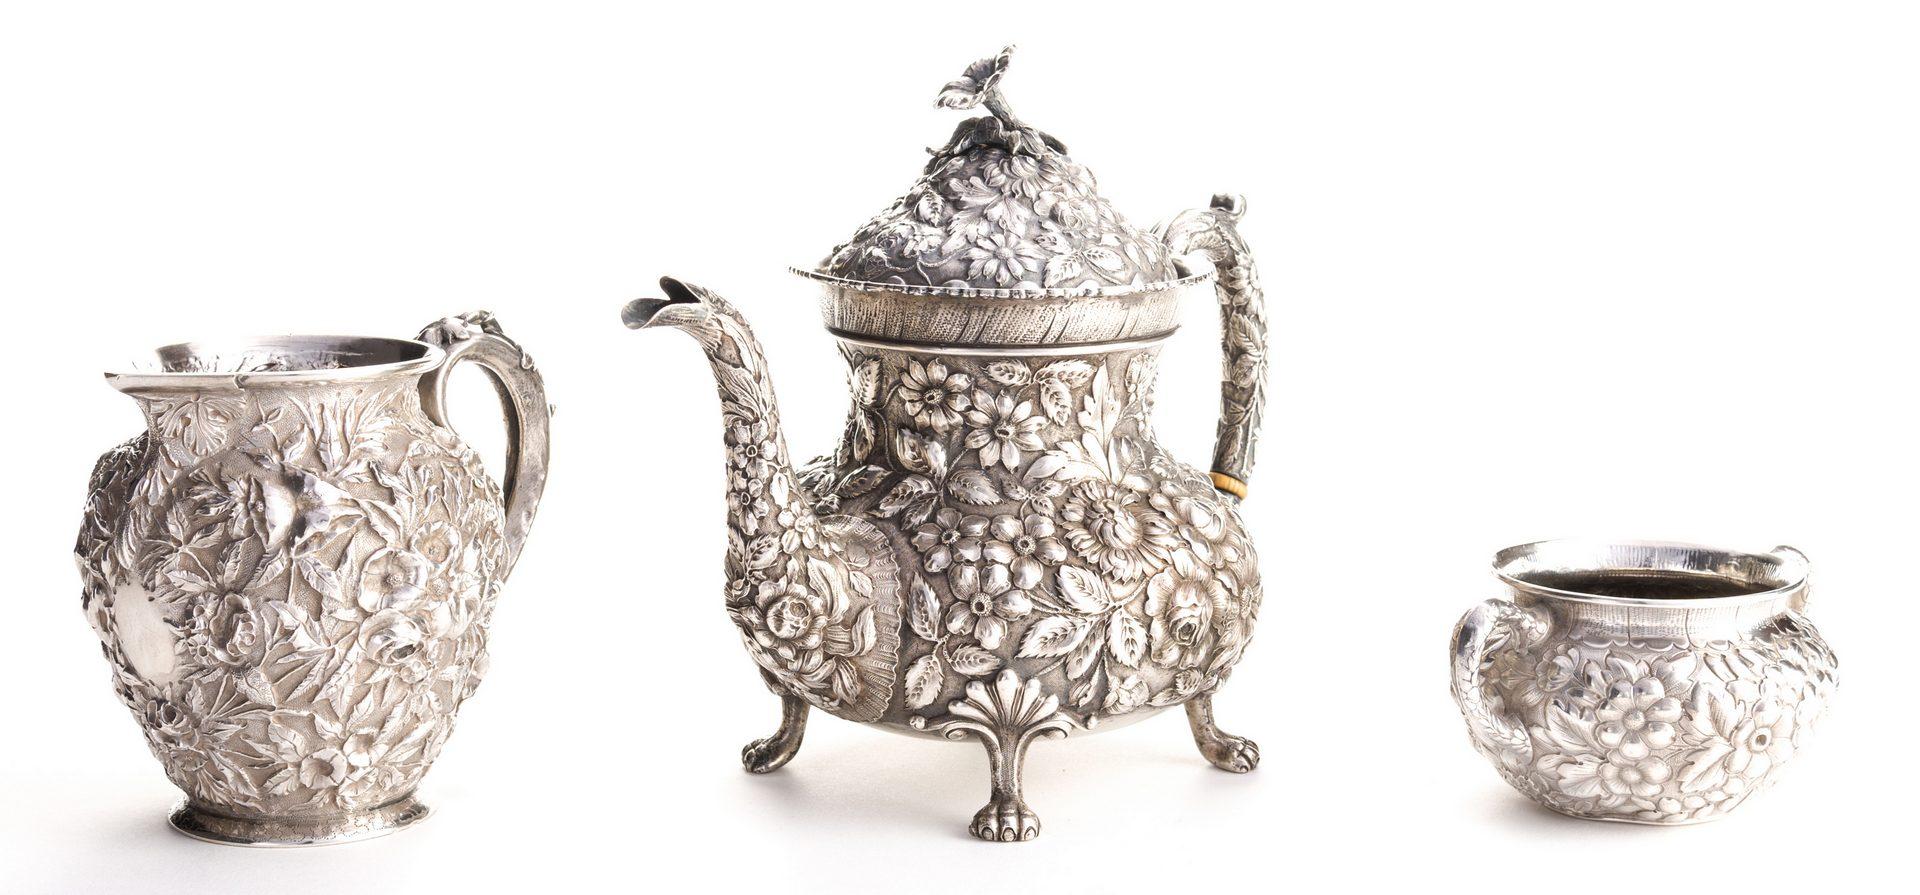 Lot 290: Antique Sterling Repousse, incl. Teapot, 3 pcs